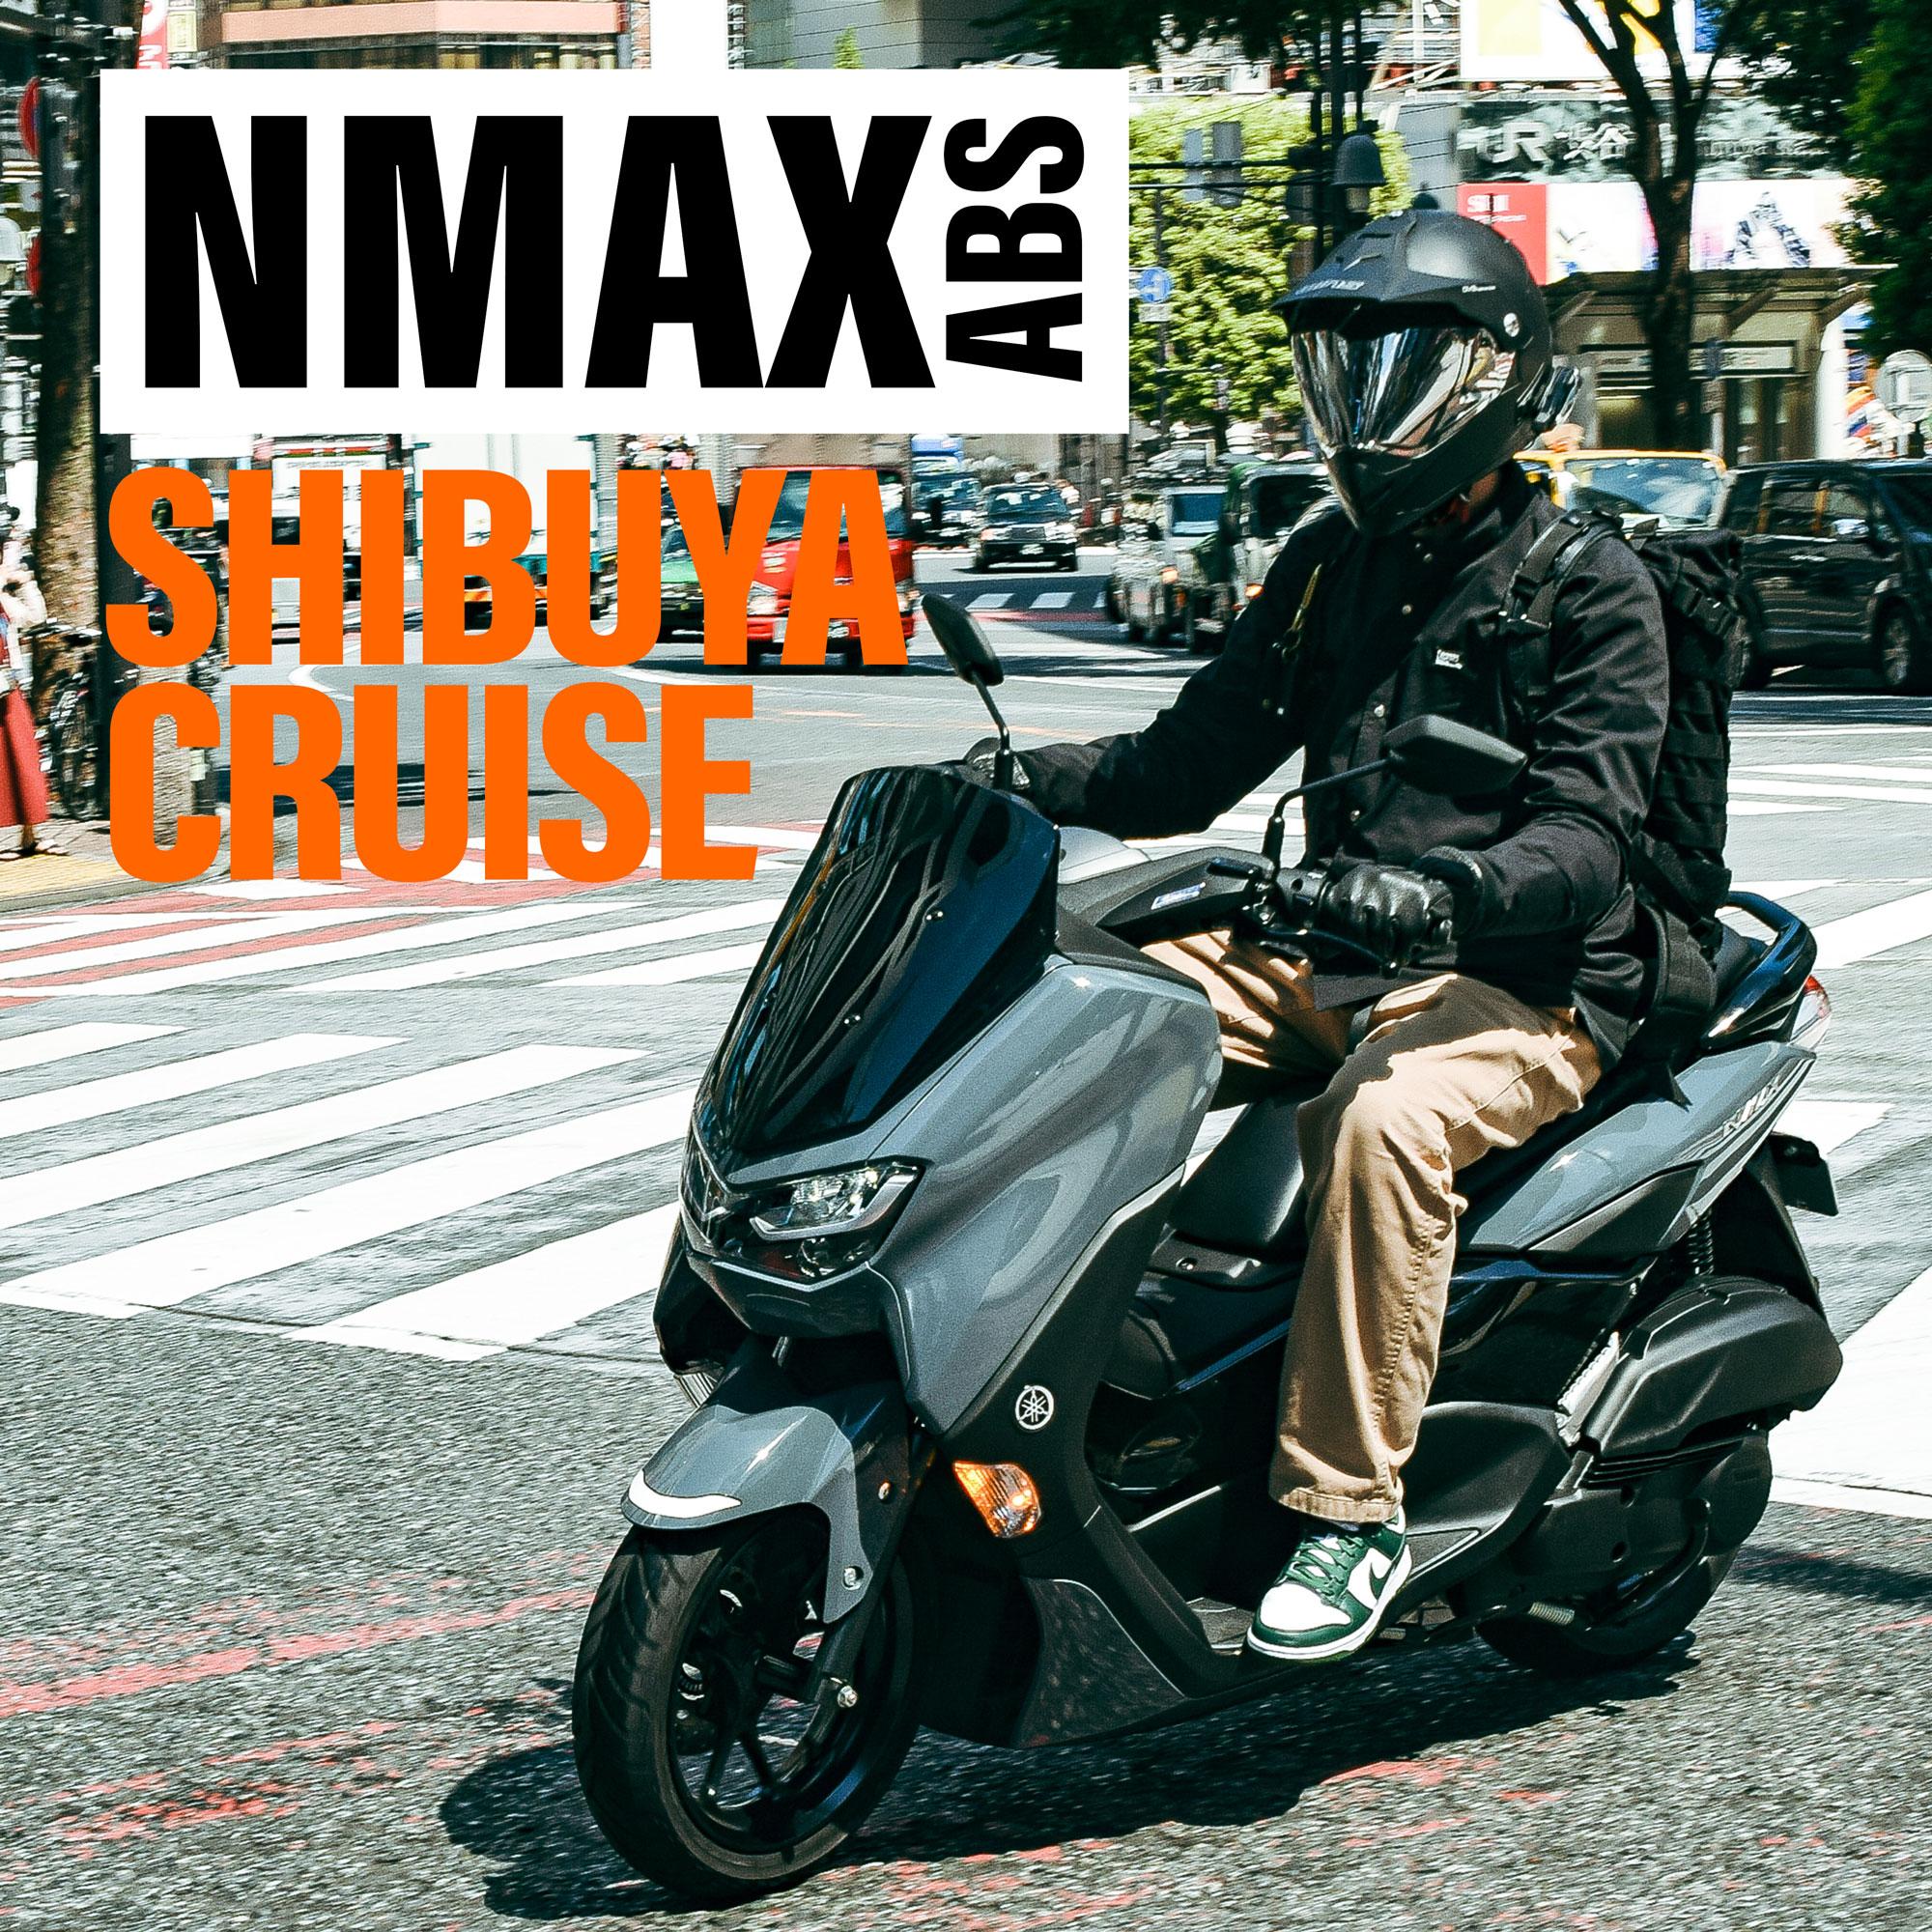 スニーカーヘッズのショップ巡りにこそヤマハ新型NMAXが最適な件【125ccスクーター】